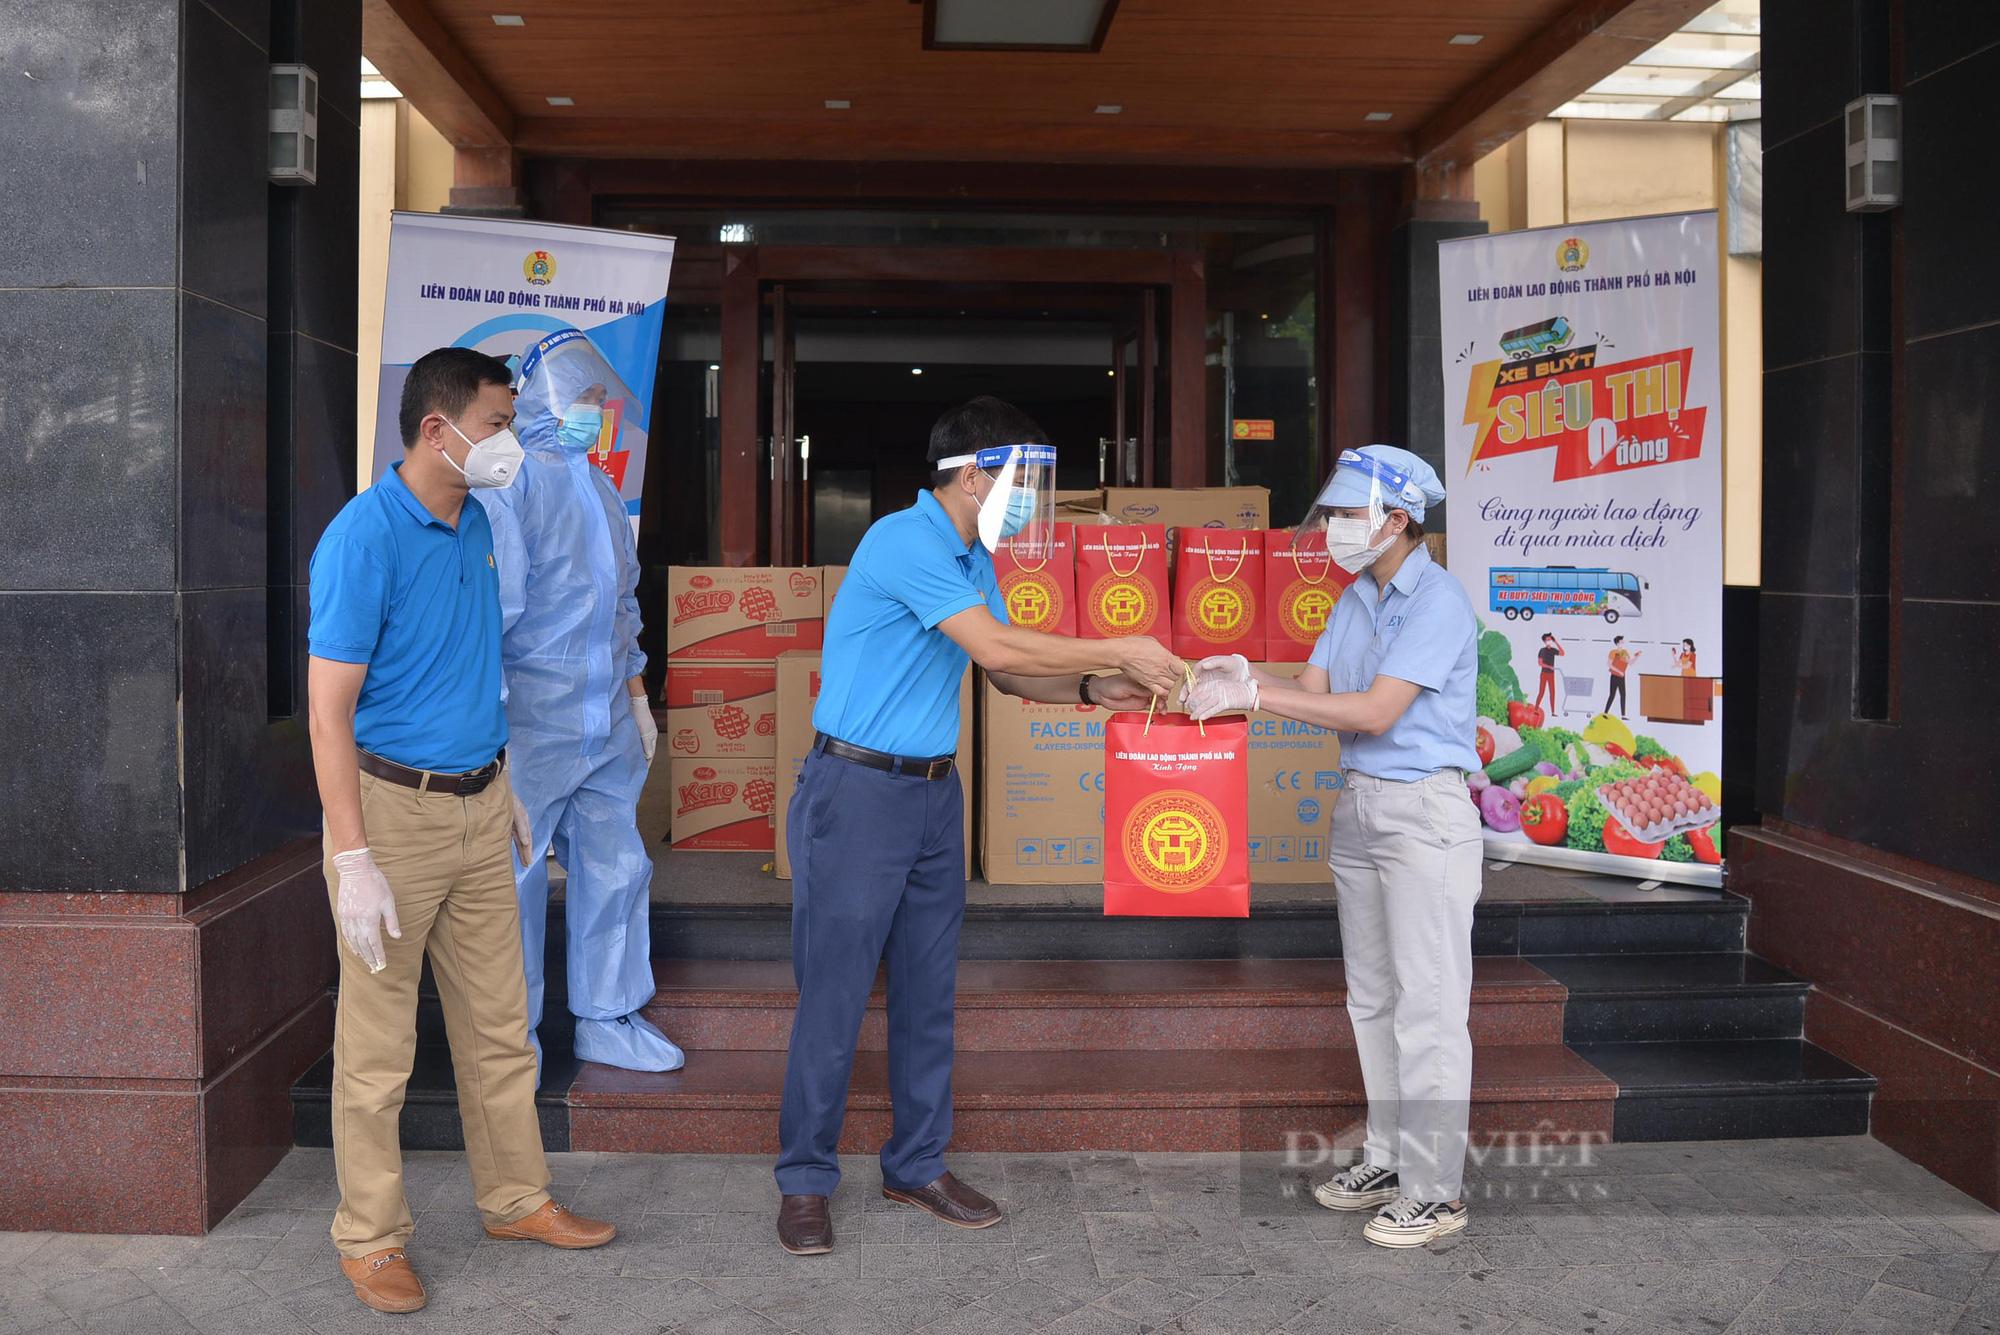 """Cận cảnh """"Xe buýt siêu thị 0 đồng"""" đầu tiên phục vụ CNLĐ khu công nghiệp Hà Nội - Ảnh 4."""